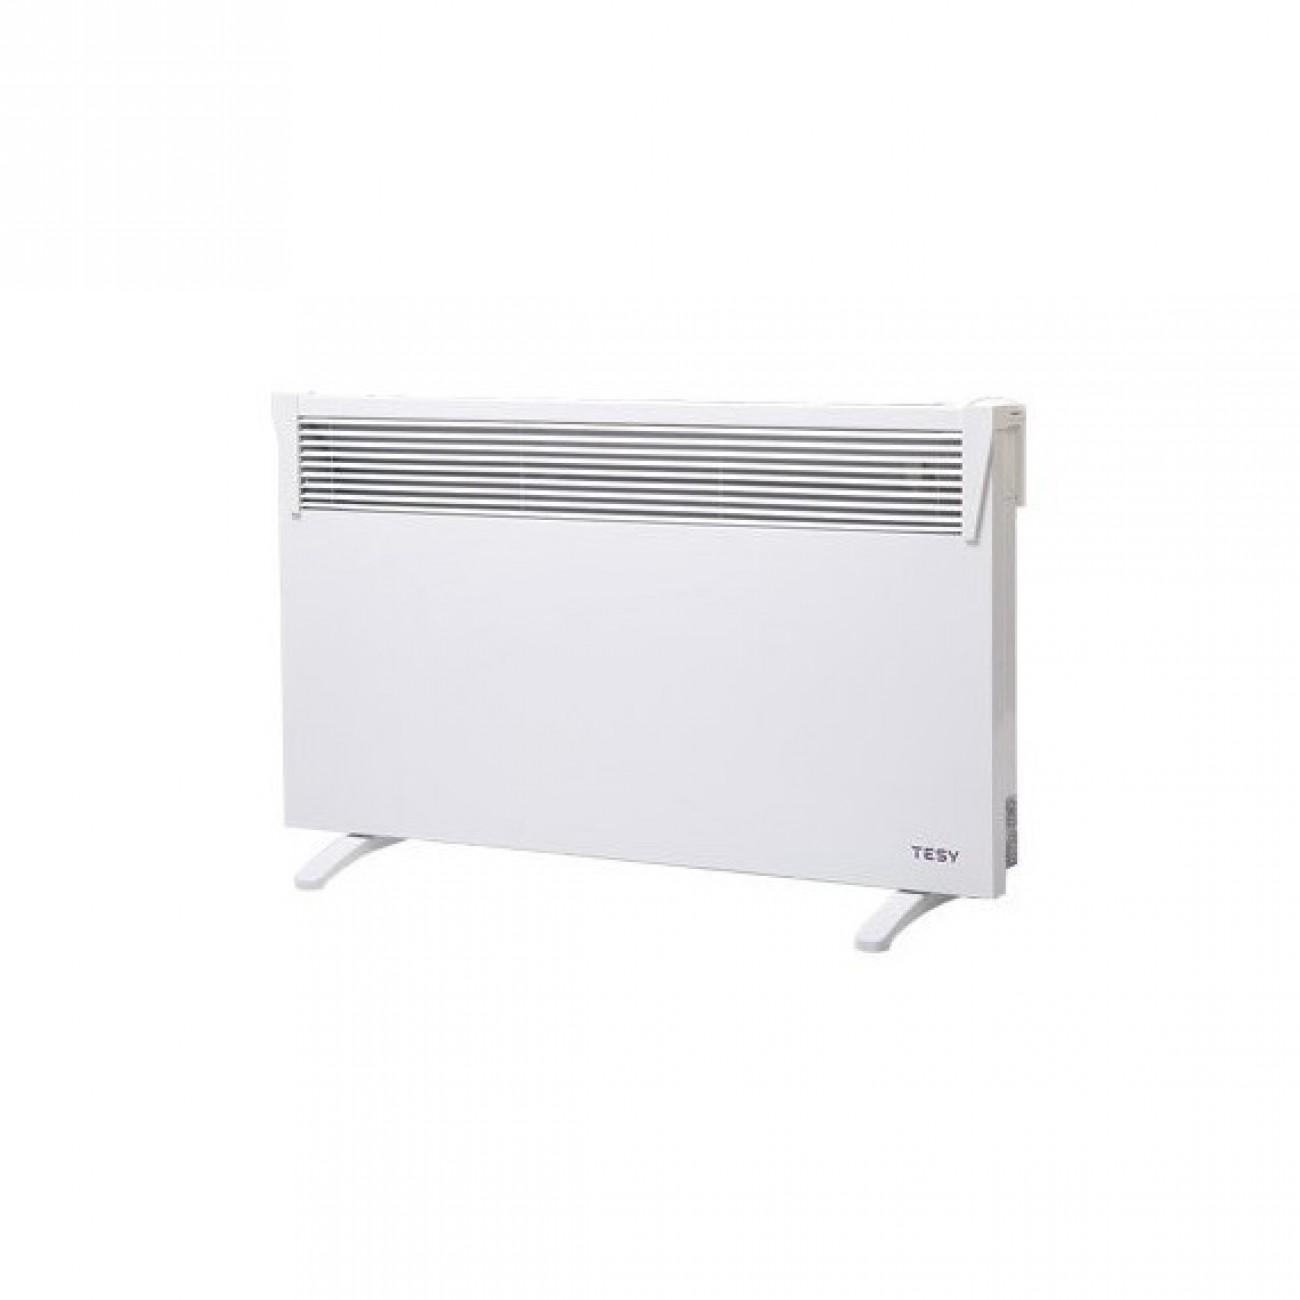 Панелен конвектор Tesy CN 03 300 MIS F в Alleop. Уреди за твоя дом - Tesy | Alleop